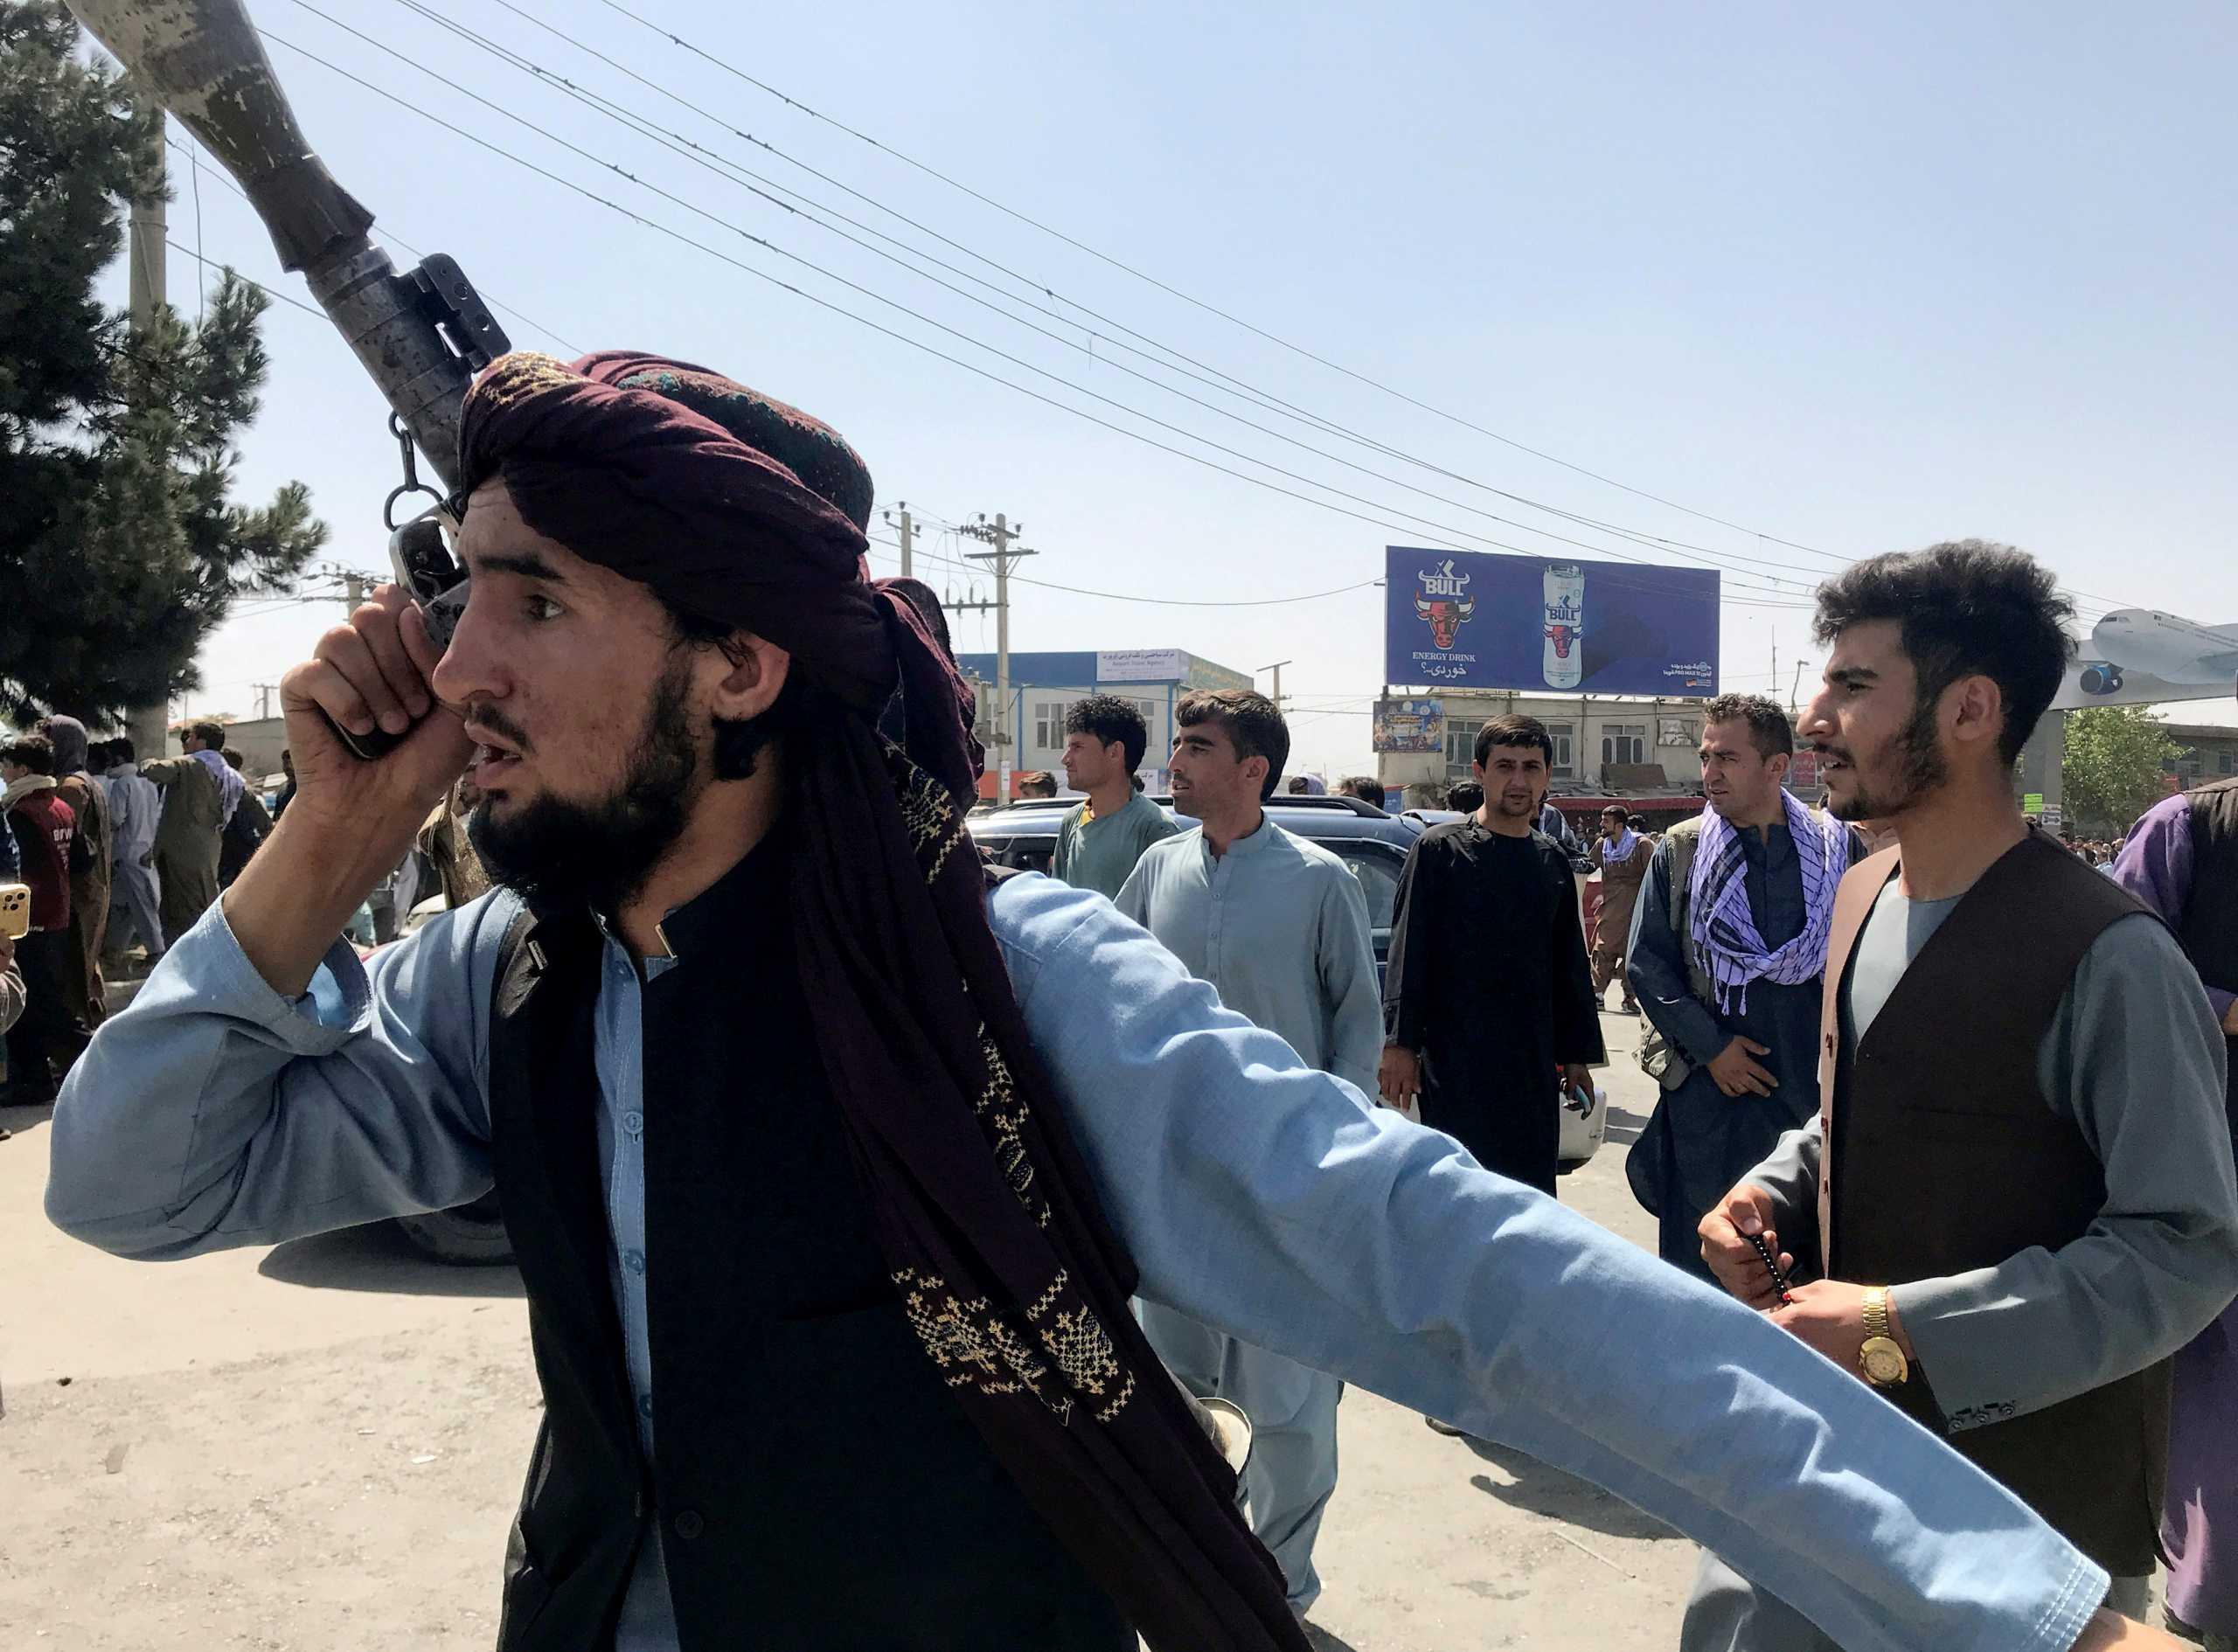 Η βιαιότητα των Ταλιμπάν μέσα από τα μάτια πρώην κυβερνητικού υπαλλήλου στο Αφγανιστάν